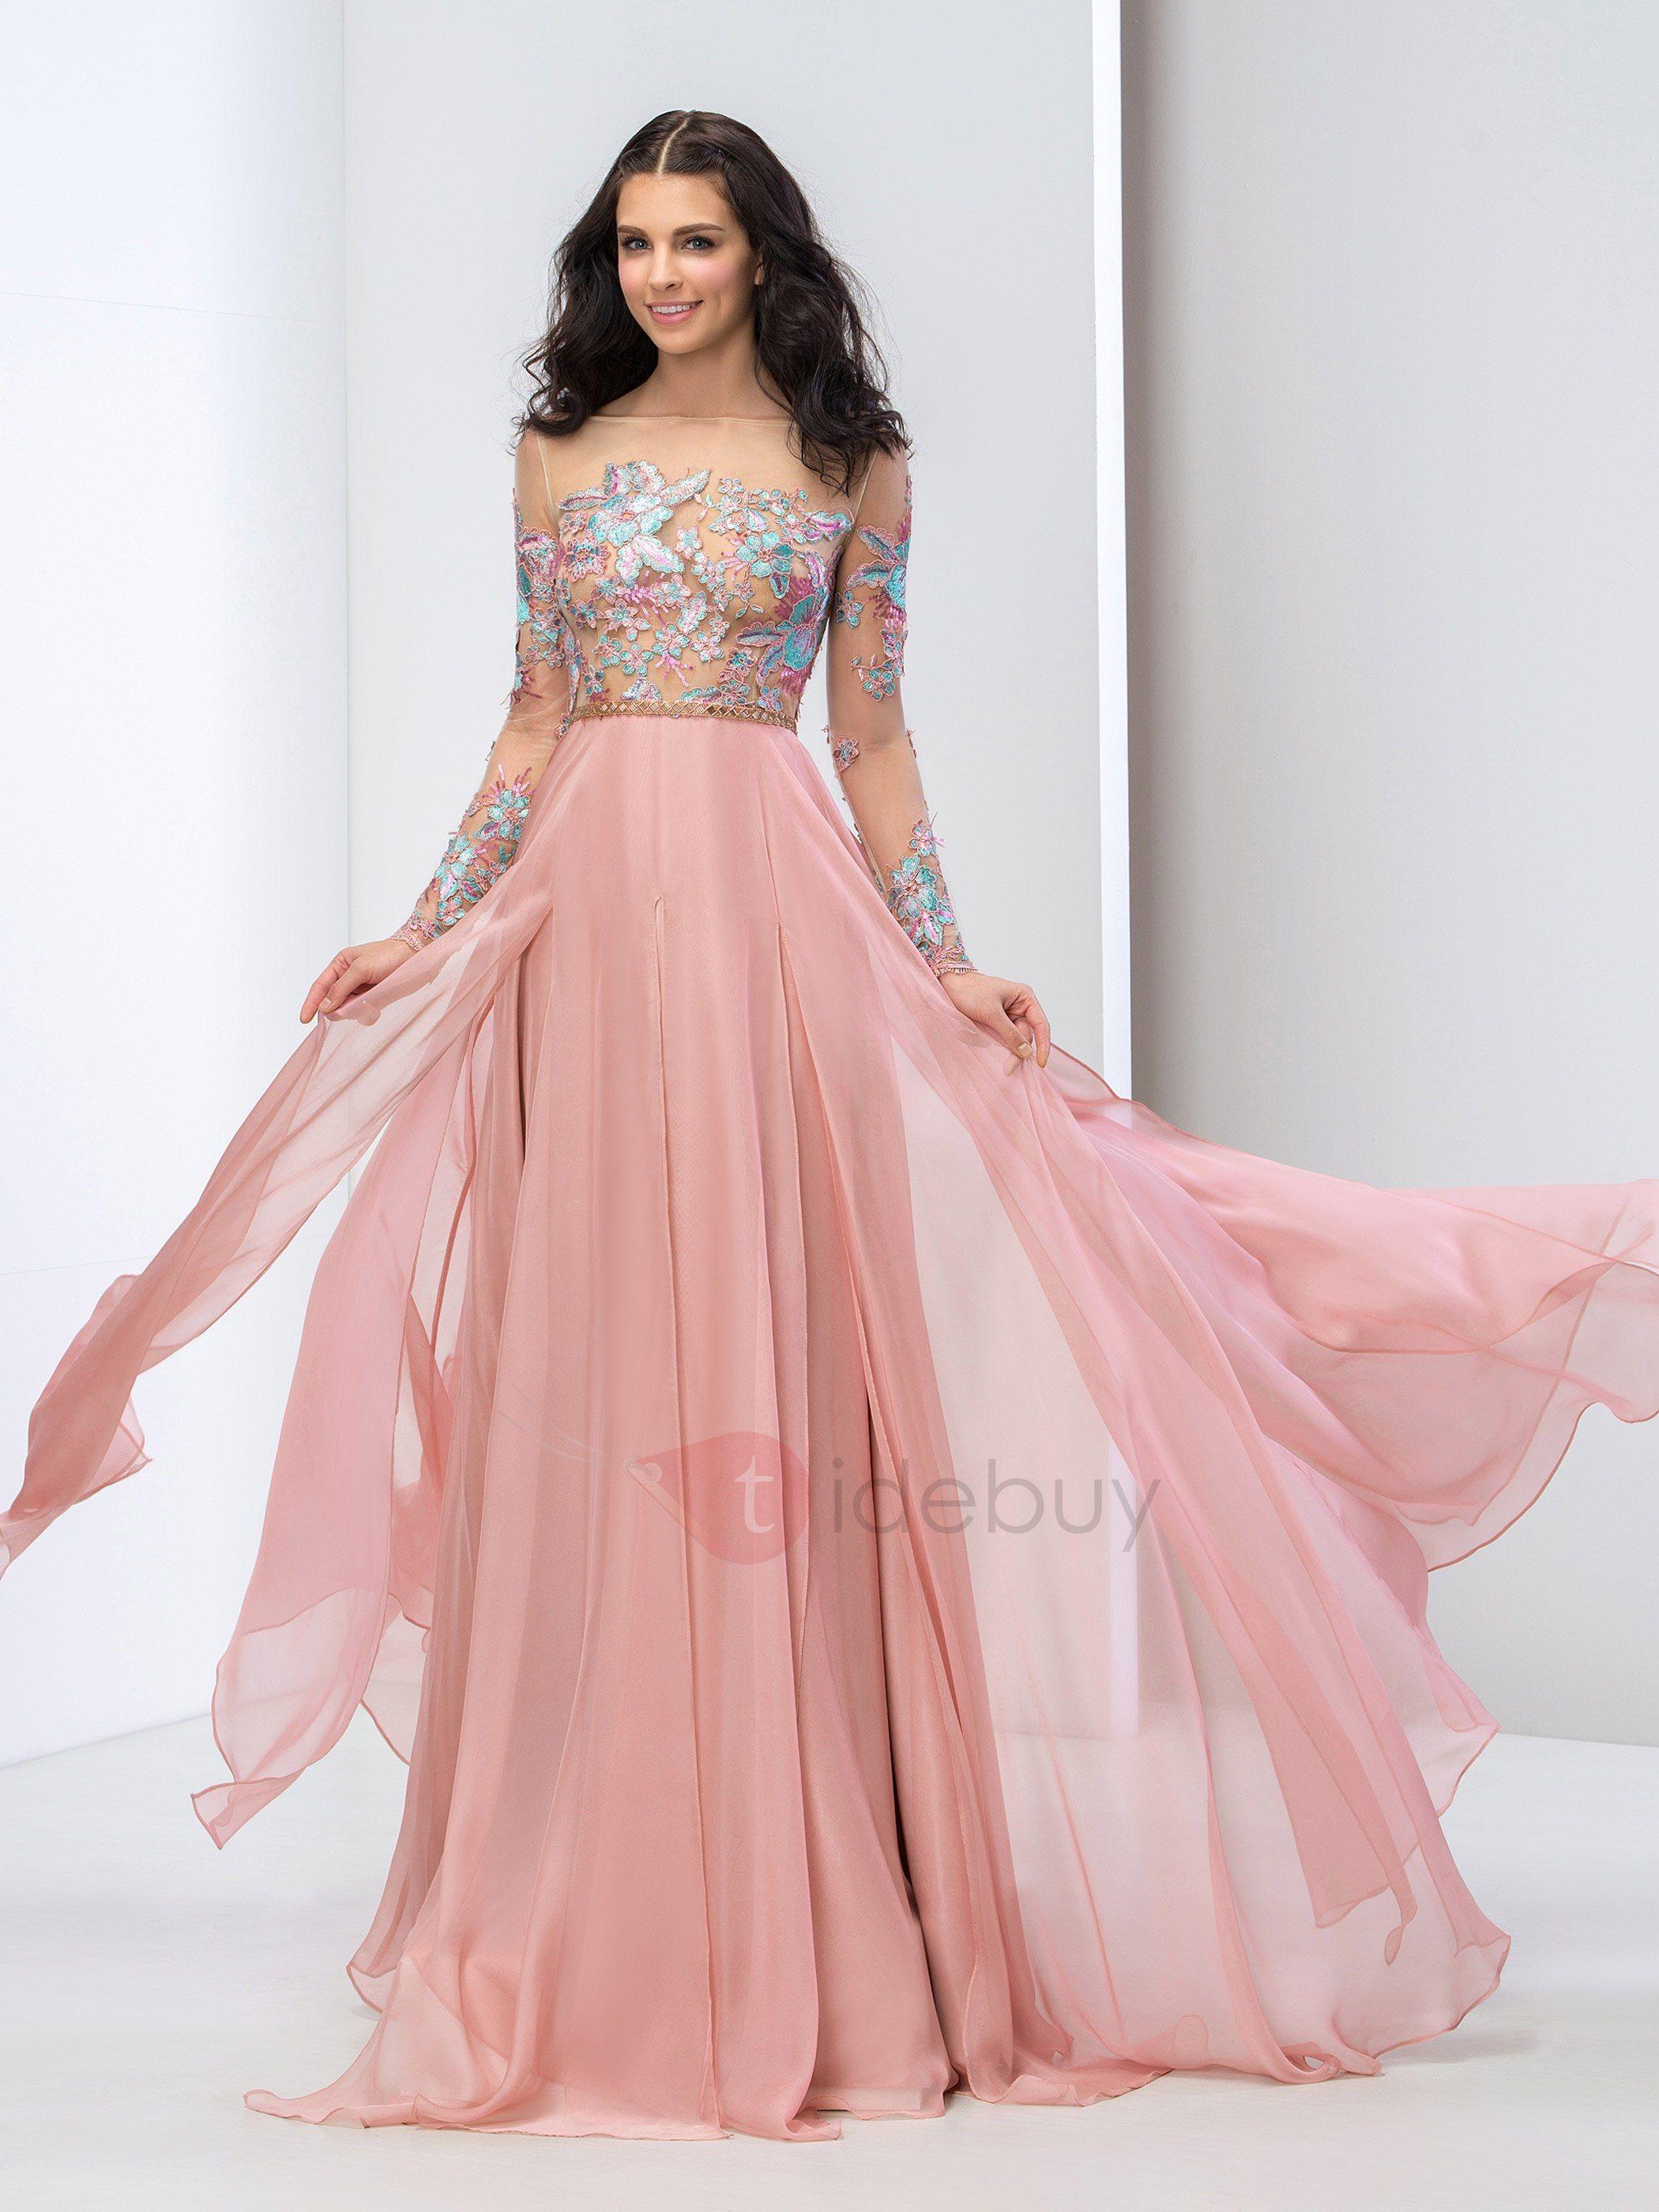 Tidebuy Dresses Under 100